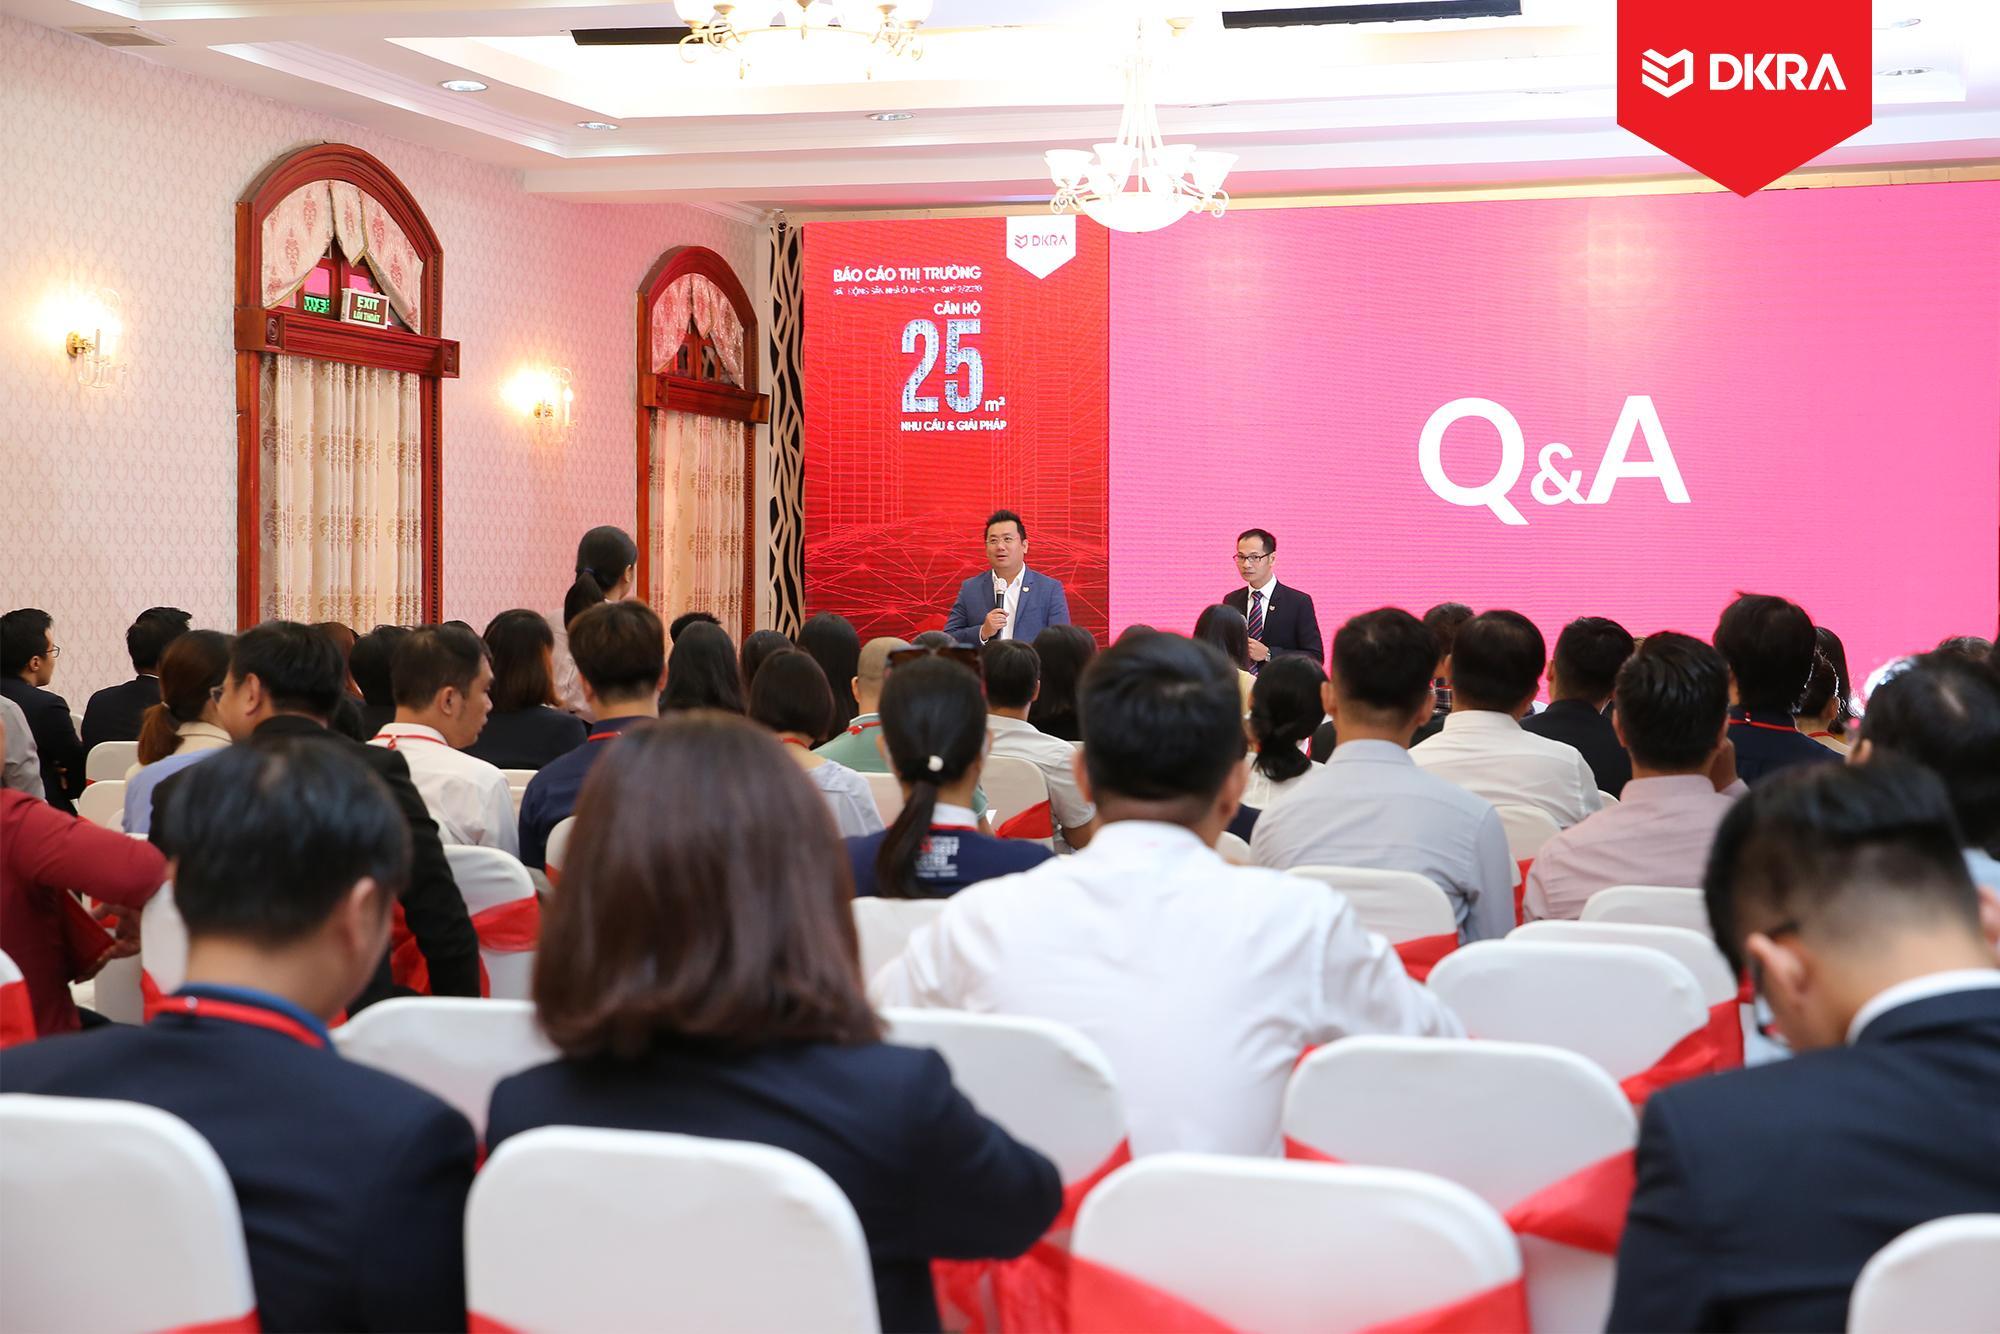 Ông Phạm Lâm - CEO DKRA Vietnam giải đáp các thắc mắc của khách tham dự và báo giới về thị trường bất động sản trong phần Q&A.